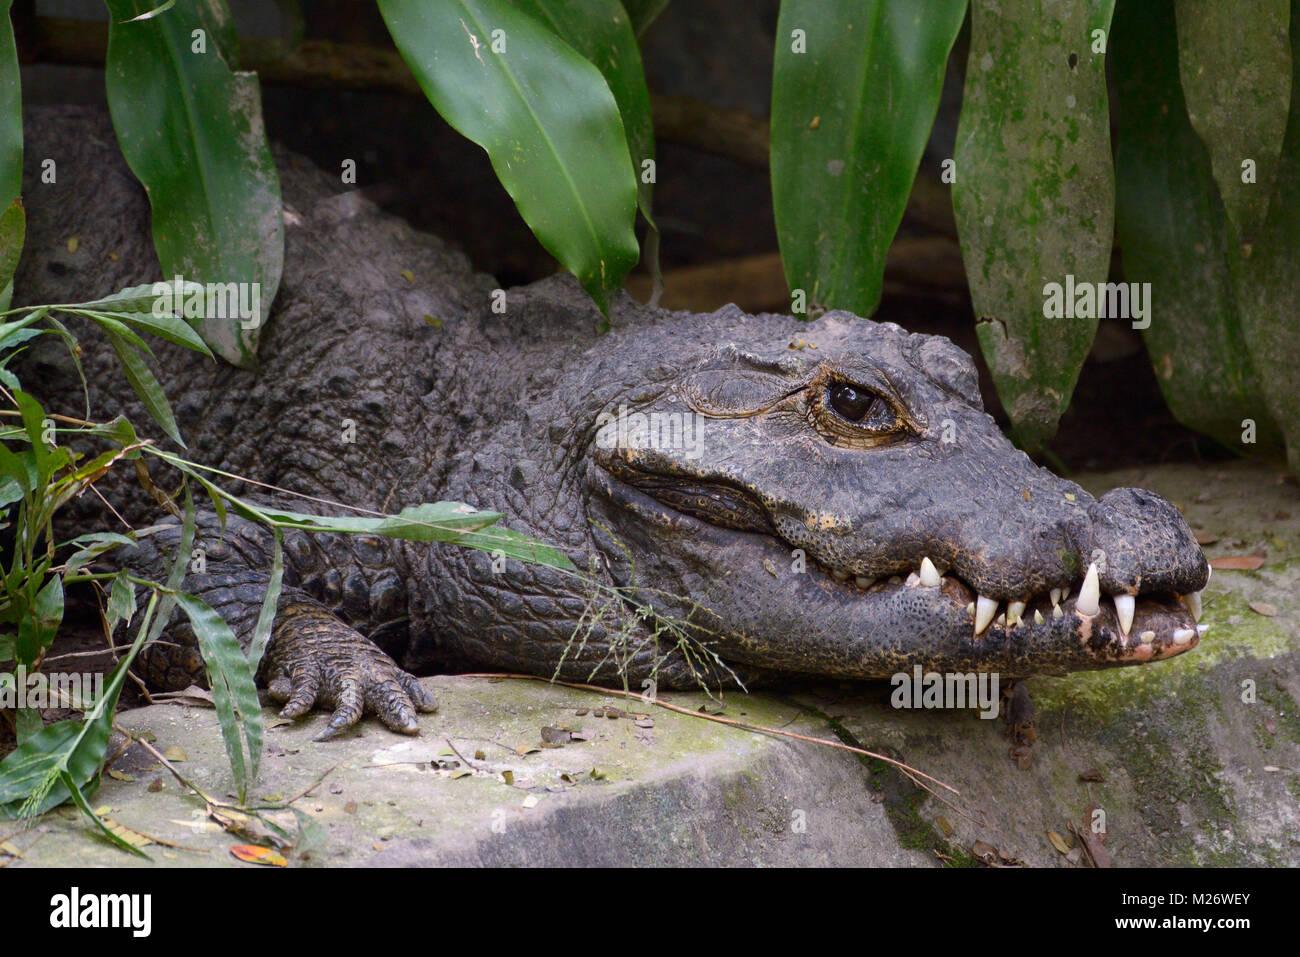 Alligator arrastrándose en el suelo Imagen De Stock